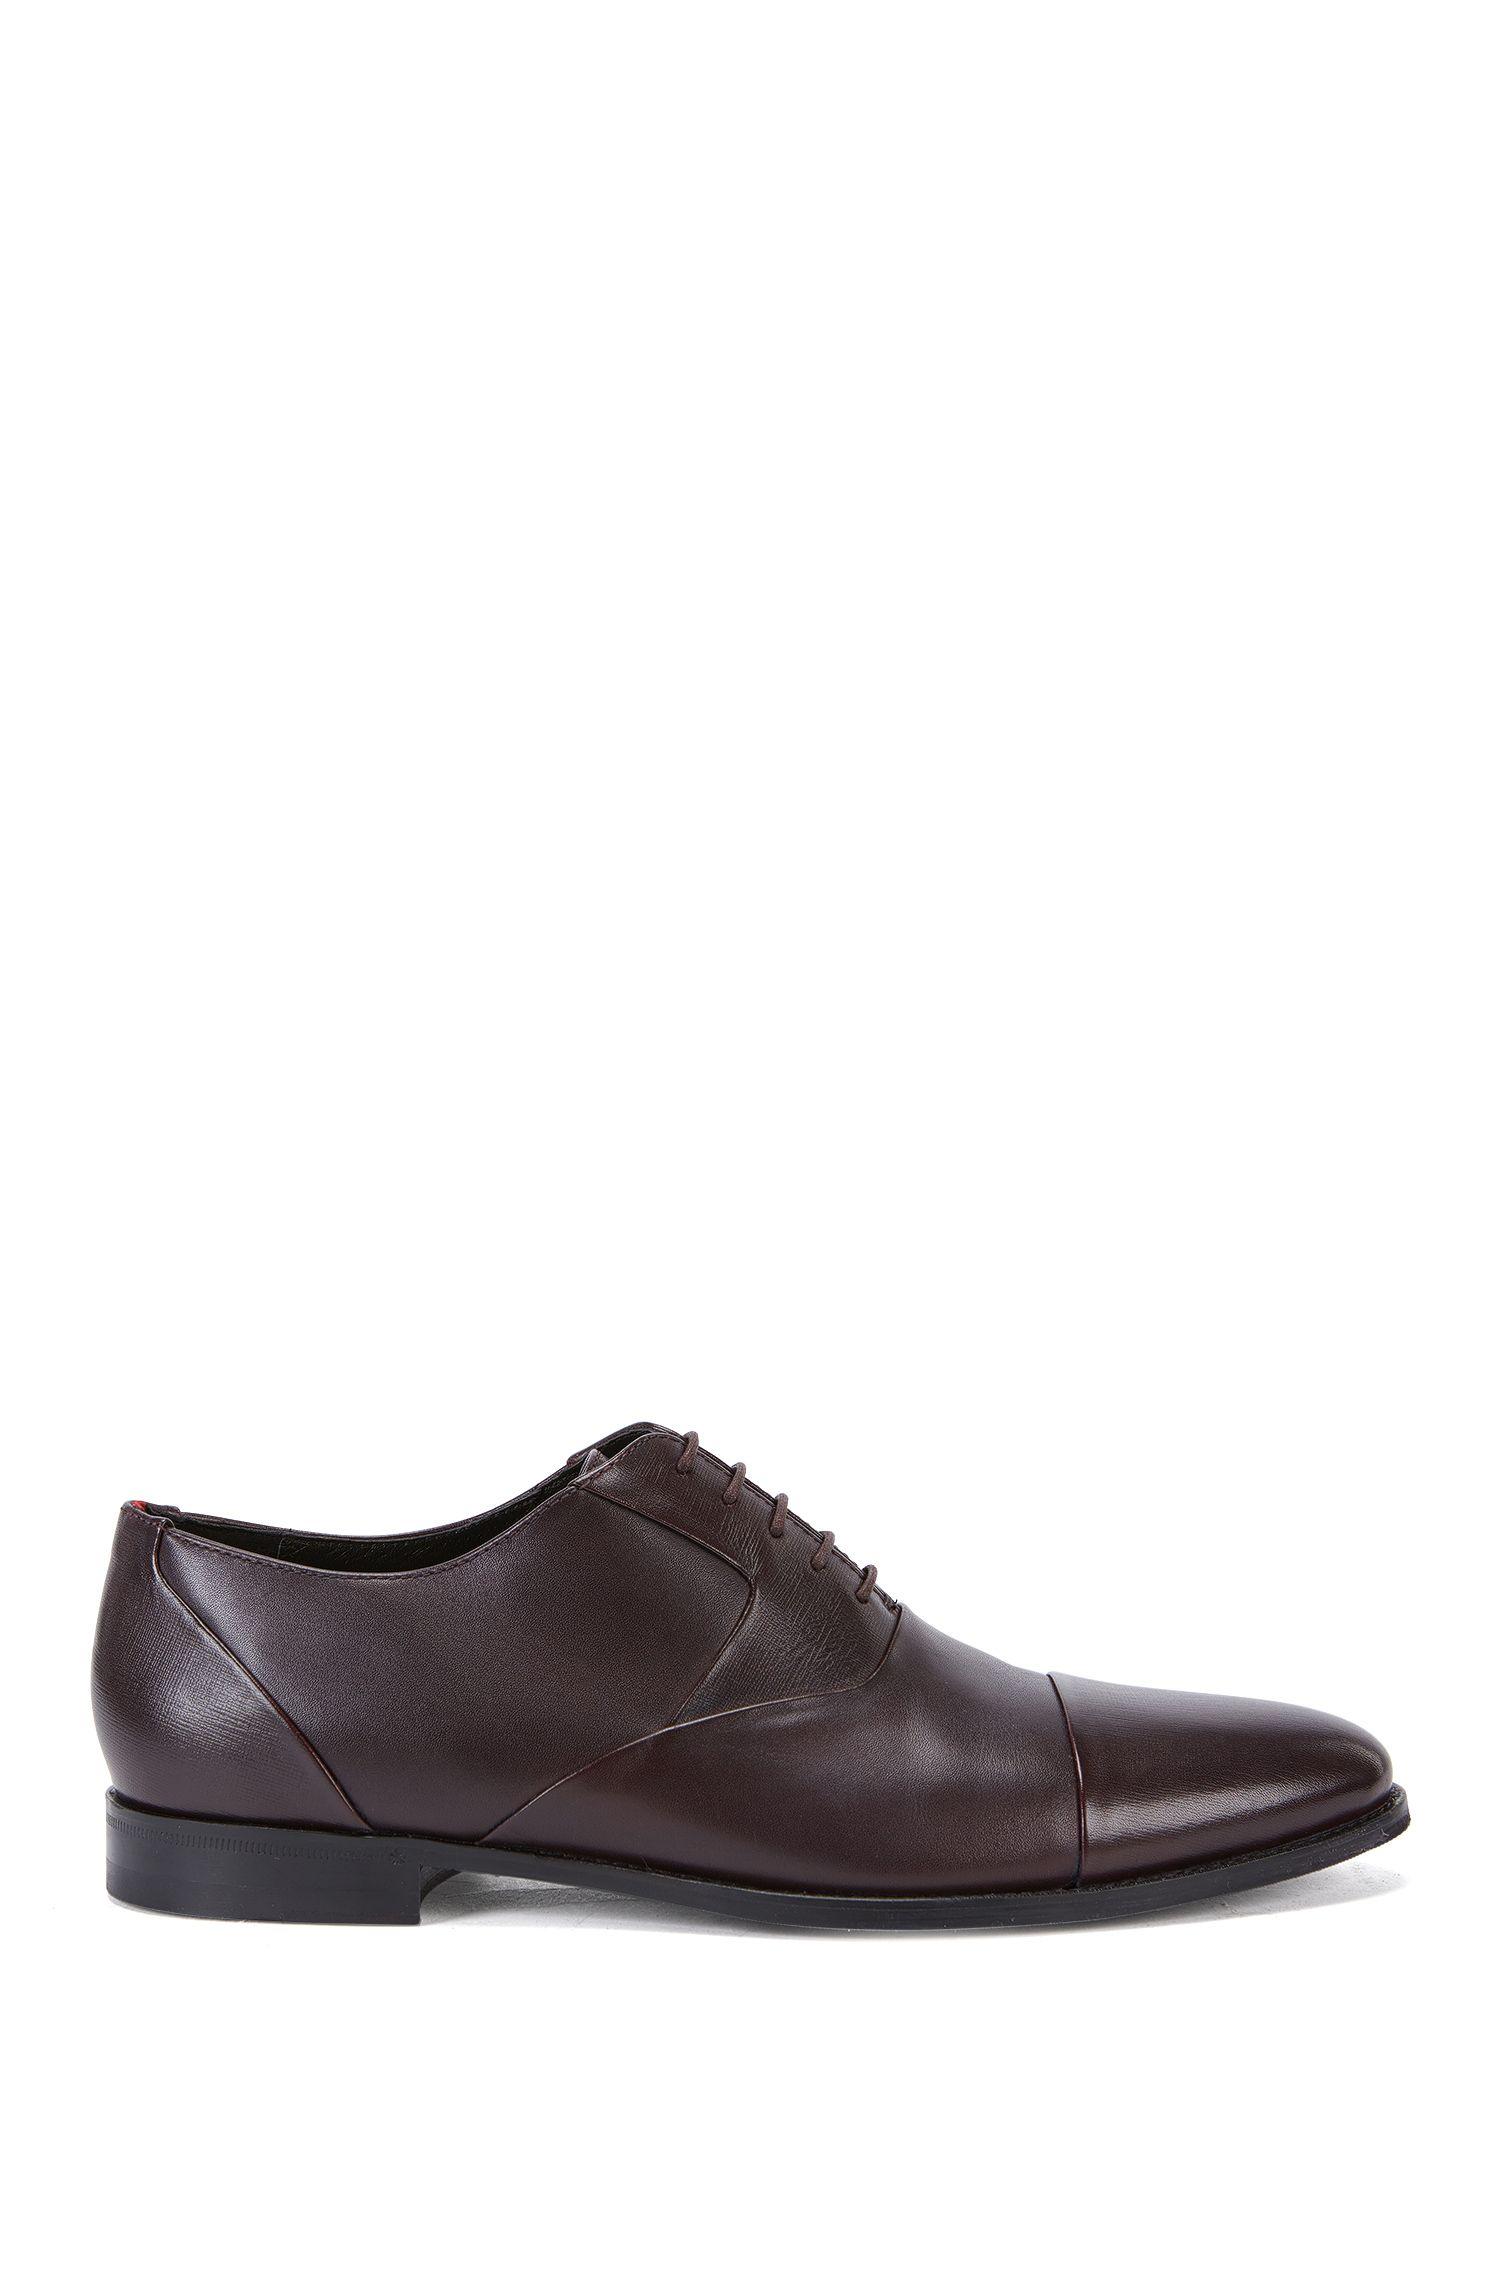 Chaussures Oxford en cuir à détail Saffiano